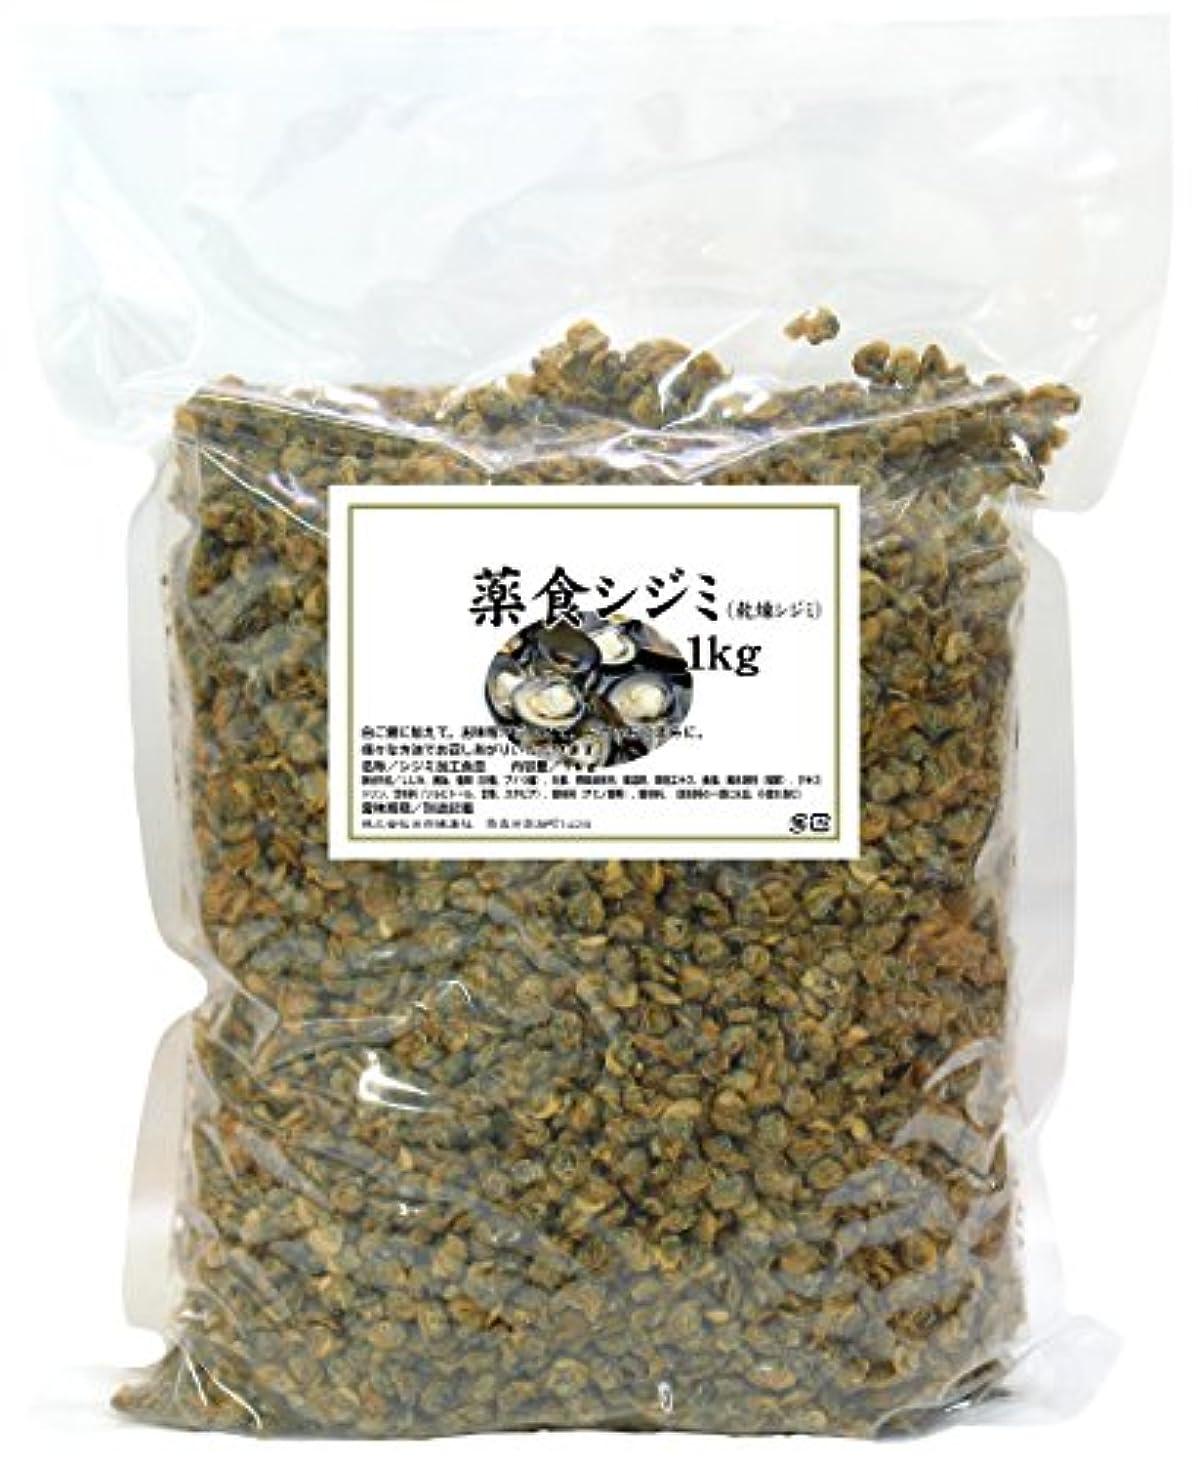 貫入ブランク静脈乾燥シジミ1kg タウリン オルニチン 自然食品